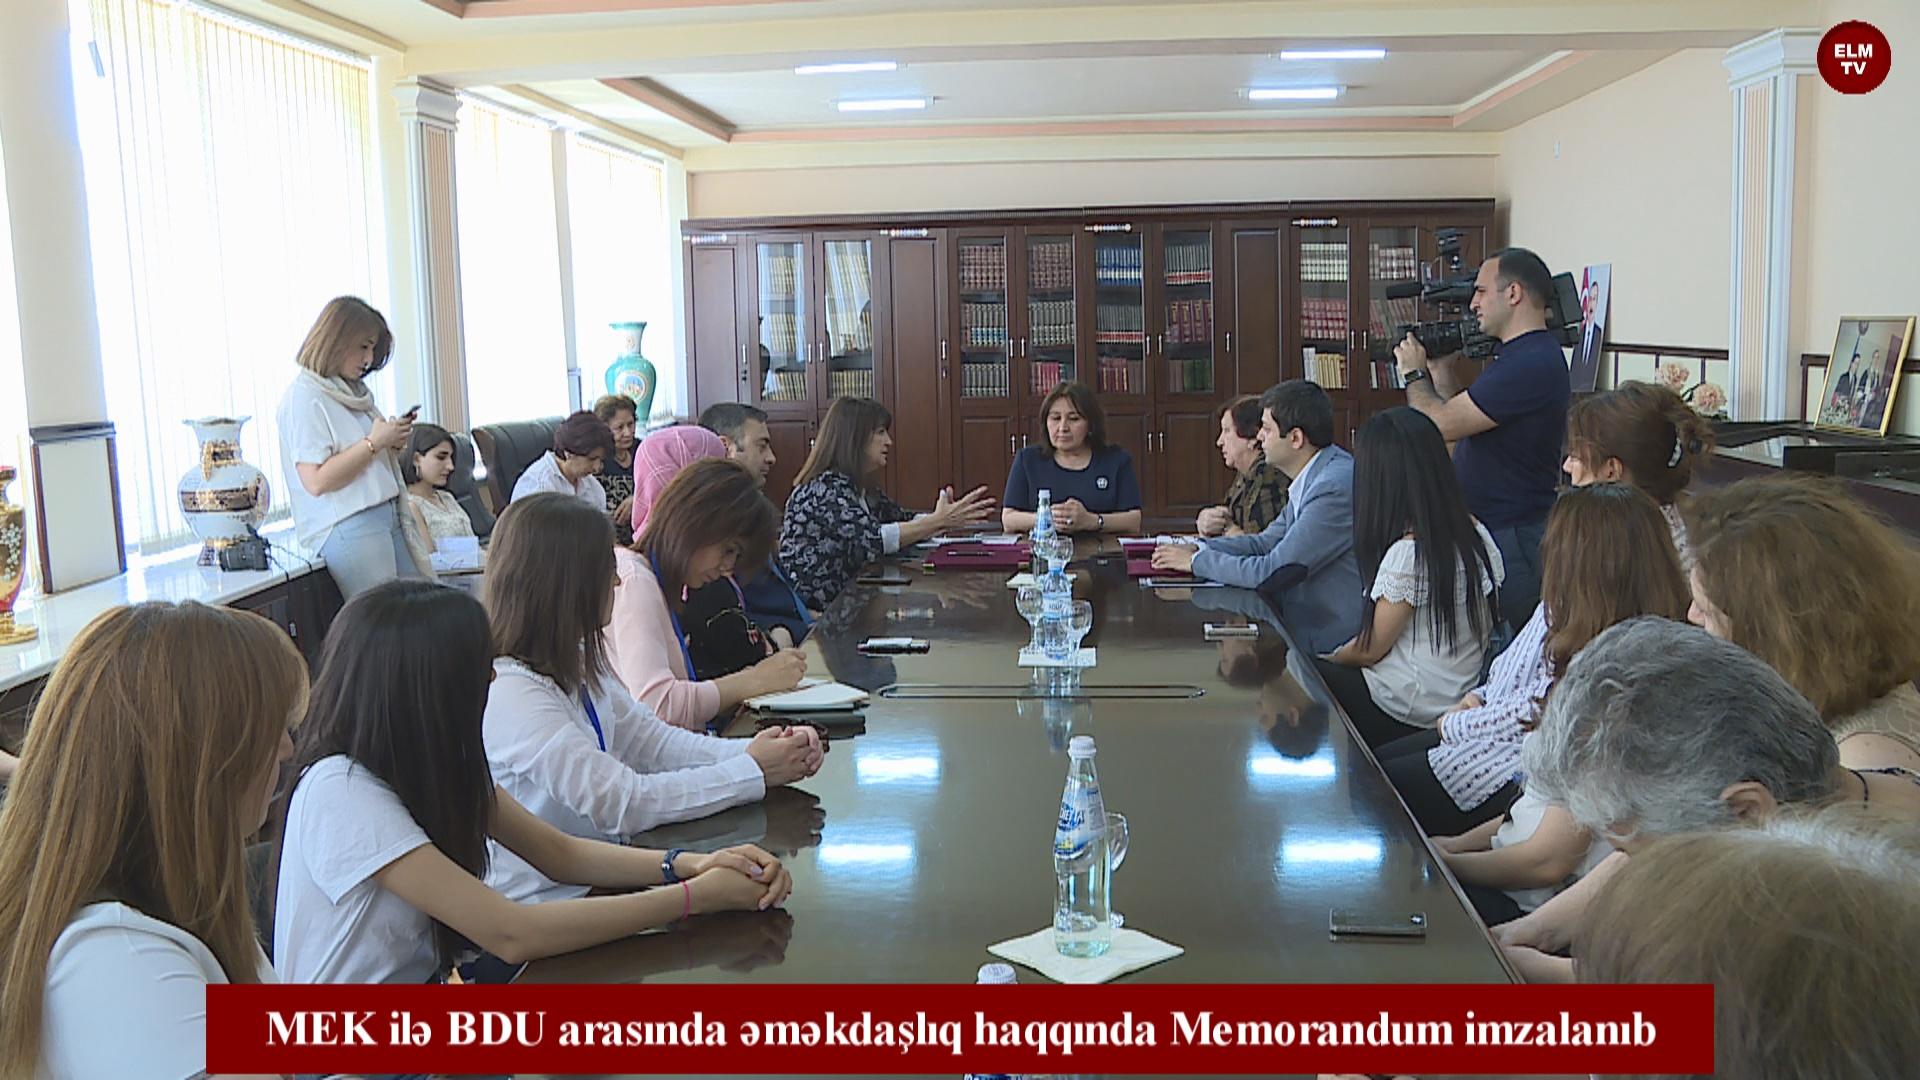 MEK ilə BDU arasında əməkdaşlıq haqqında Memorandum imzalanıb